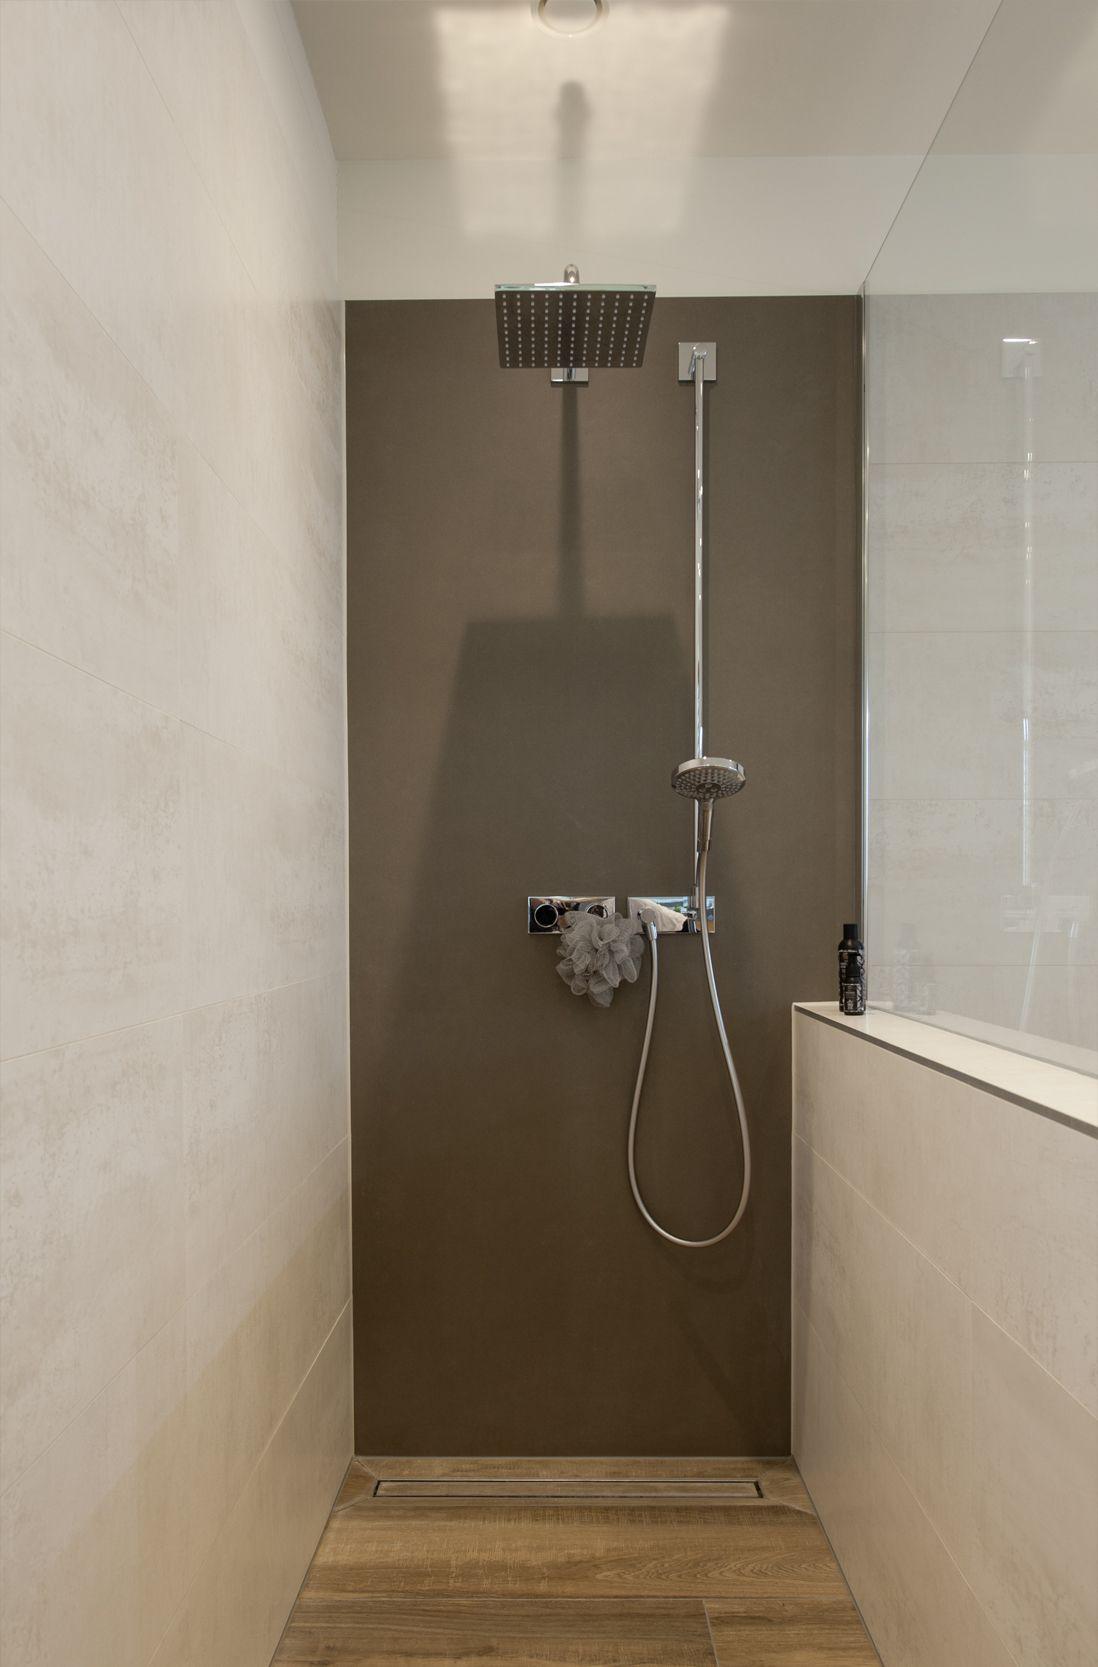 Full Size of Dusche 80x80 Kaufen Badewanne Mit Tür Und Glastür Bodengleiche Fliesen Eckeinstieg Bluetooth Lautsprecher Kleine Bäder Bodenebene Siphon Abfluss Dusche Begehbare Dusche